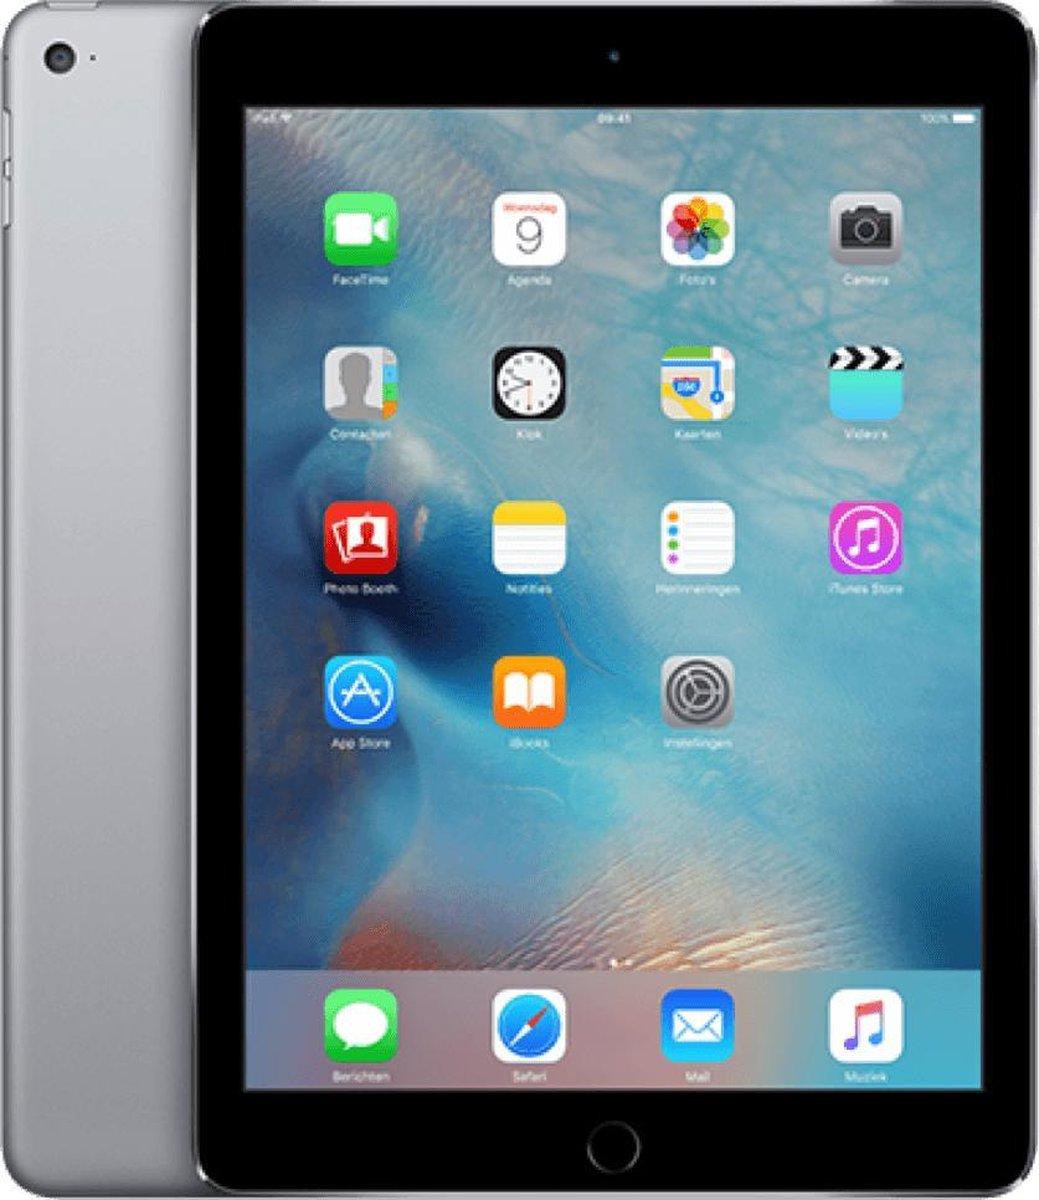 Apple iPad Air 2 refurbished door Forza - A-Grade (Zo goed als nieuw) - 16GB - Cellular (4G) - Spacegrijs